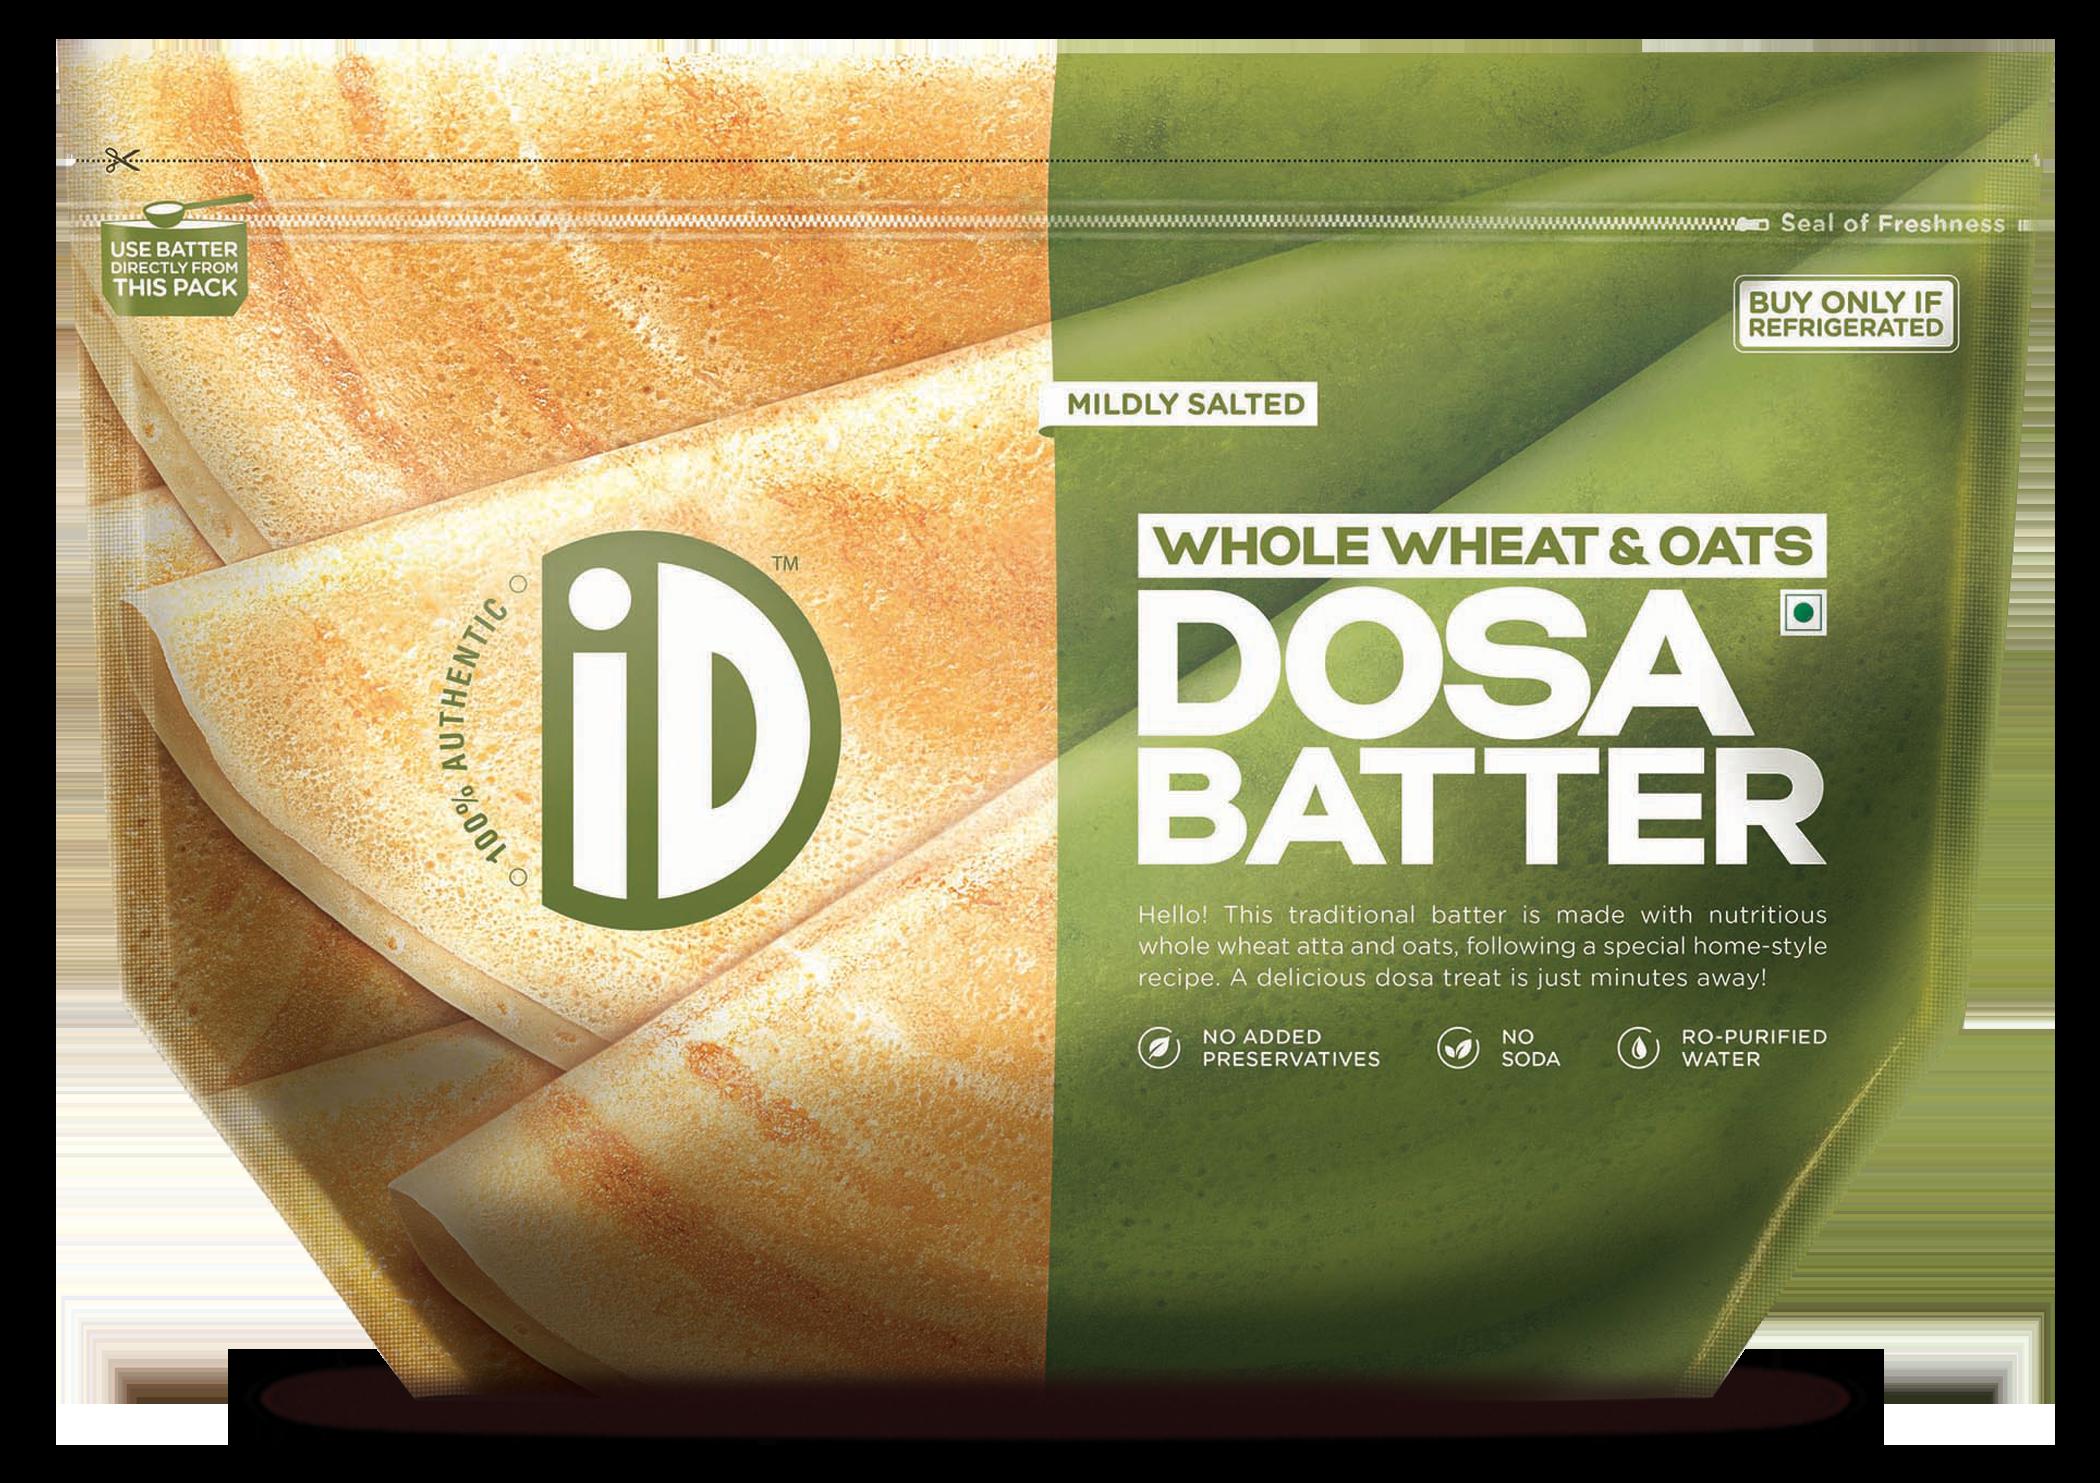 iD Whole Wheat & Oats Dosa batter